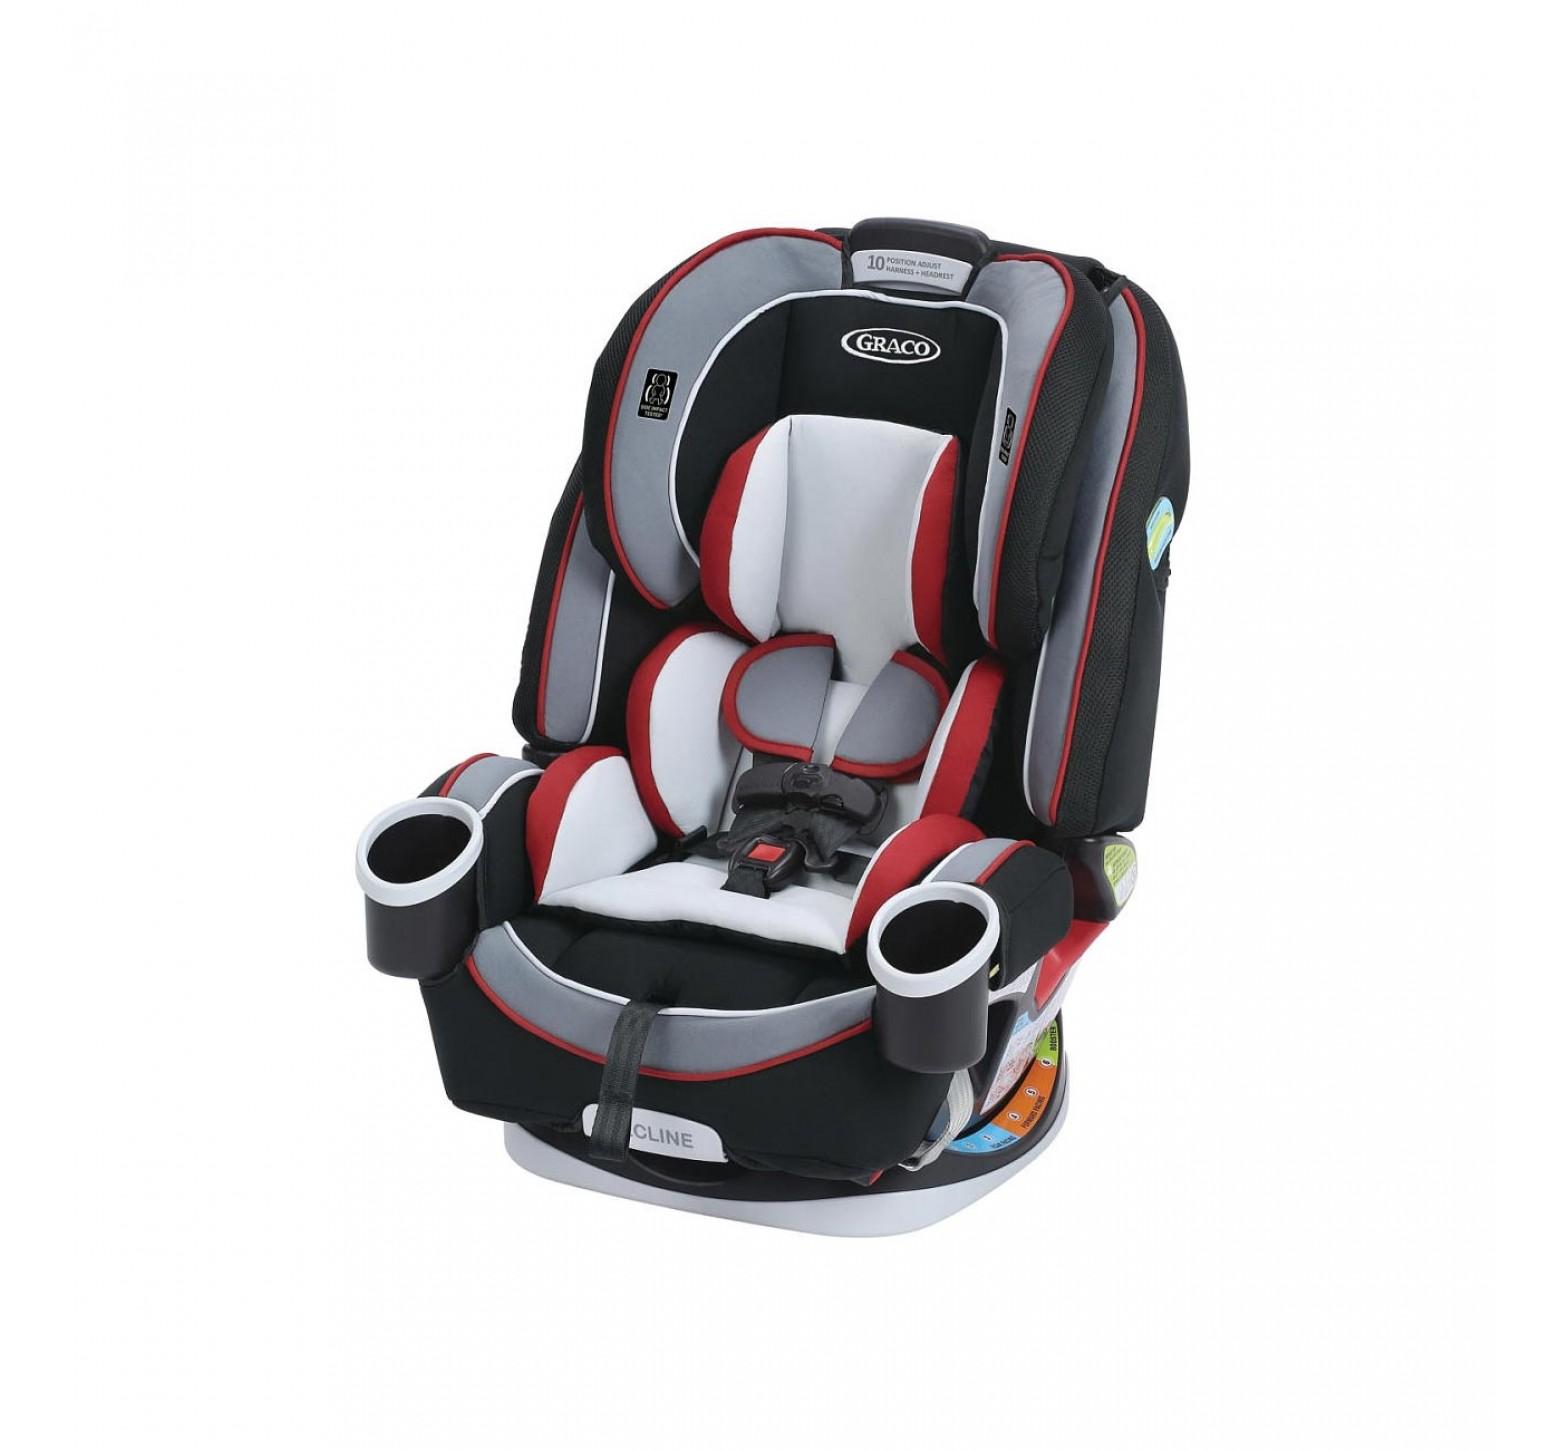 beb graco silla para auto 4ever cougar tienda online